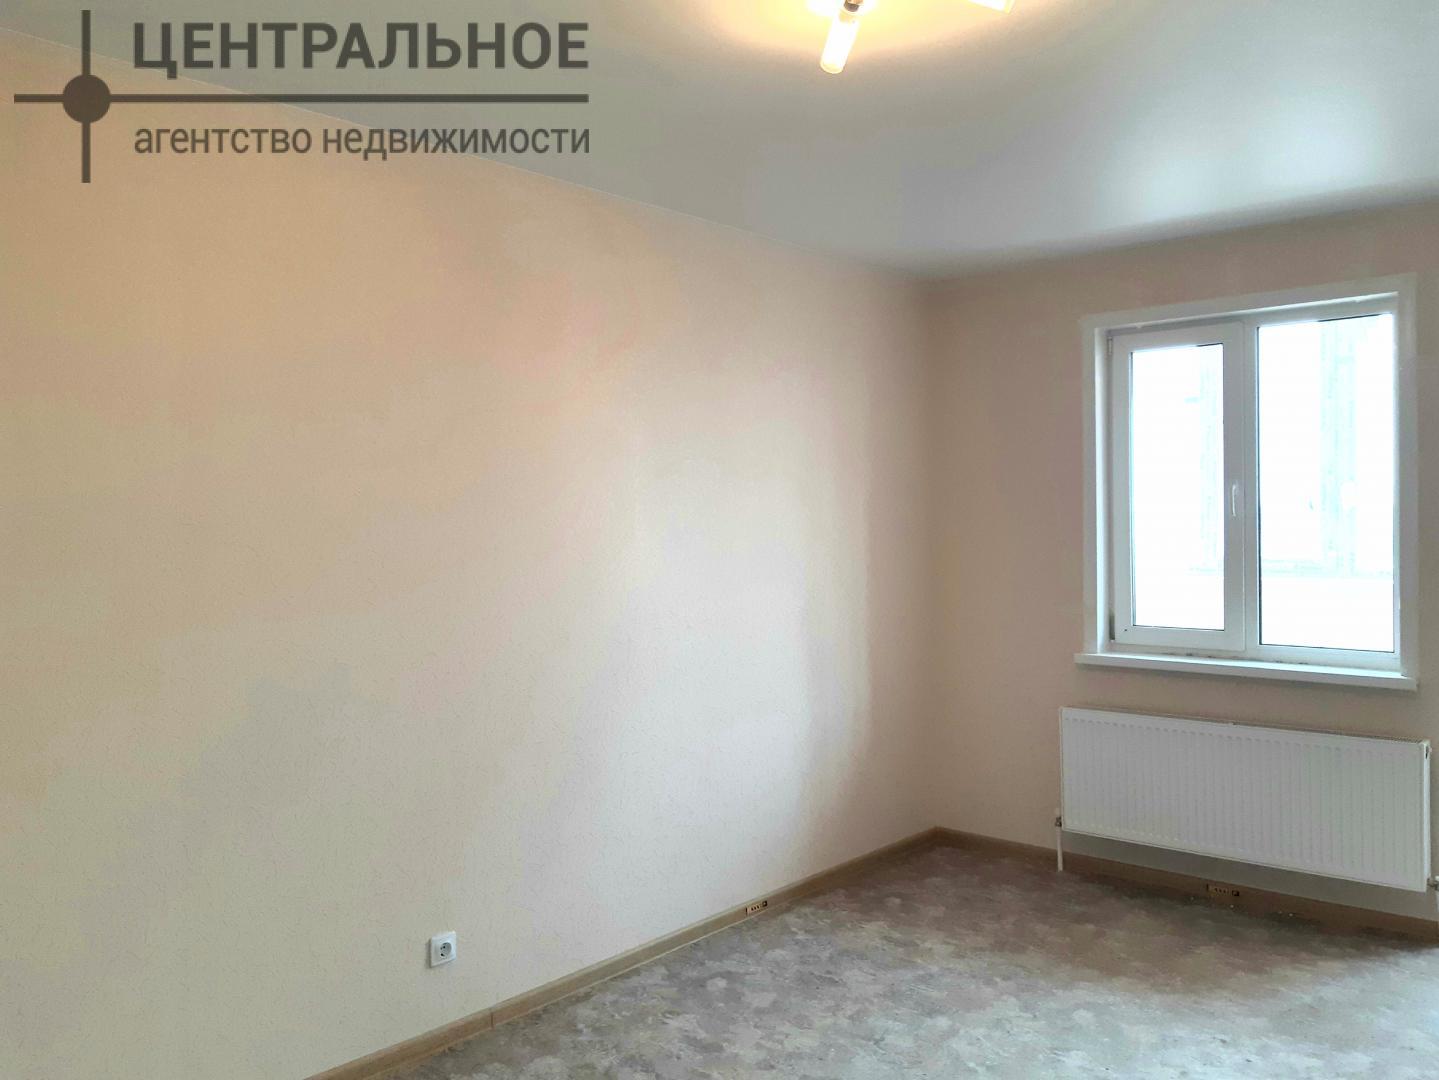 1-комнатная квартира, 41.2 кв.м., 3/3 этаж